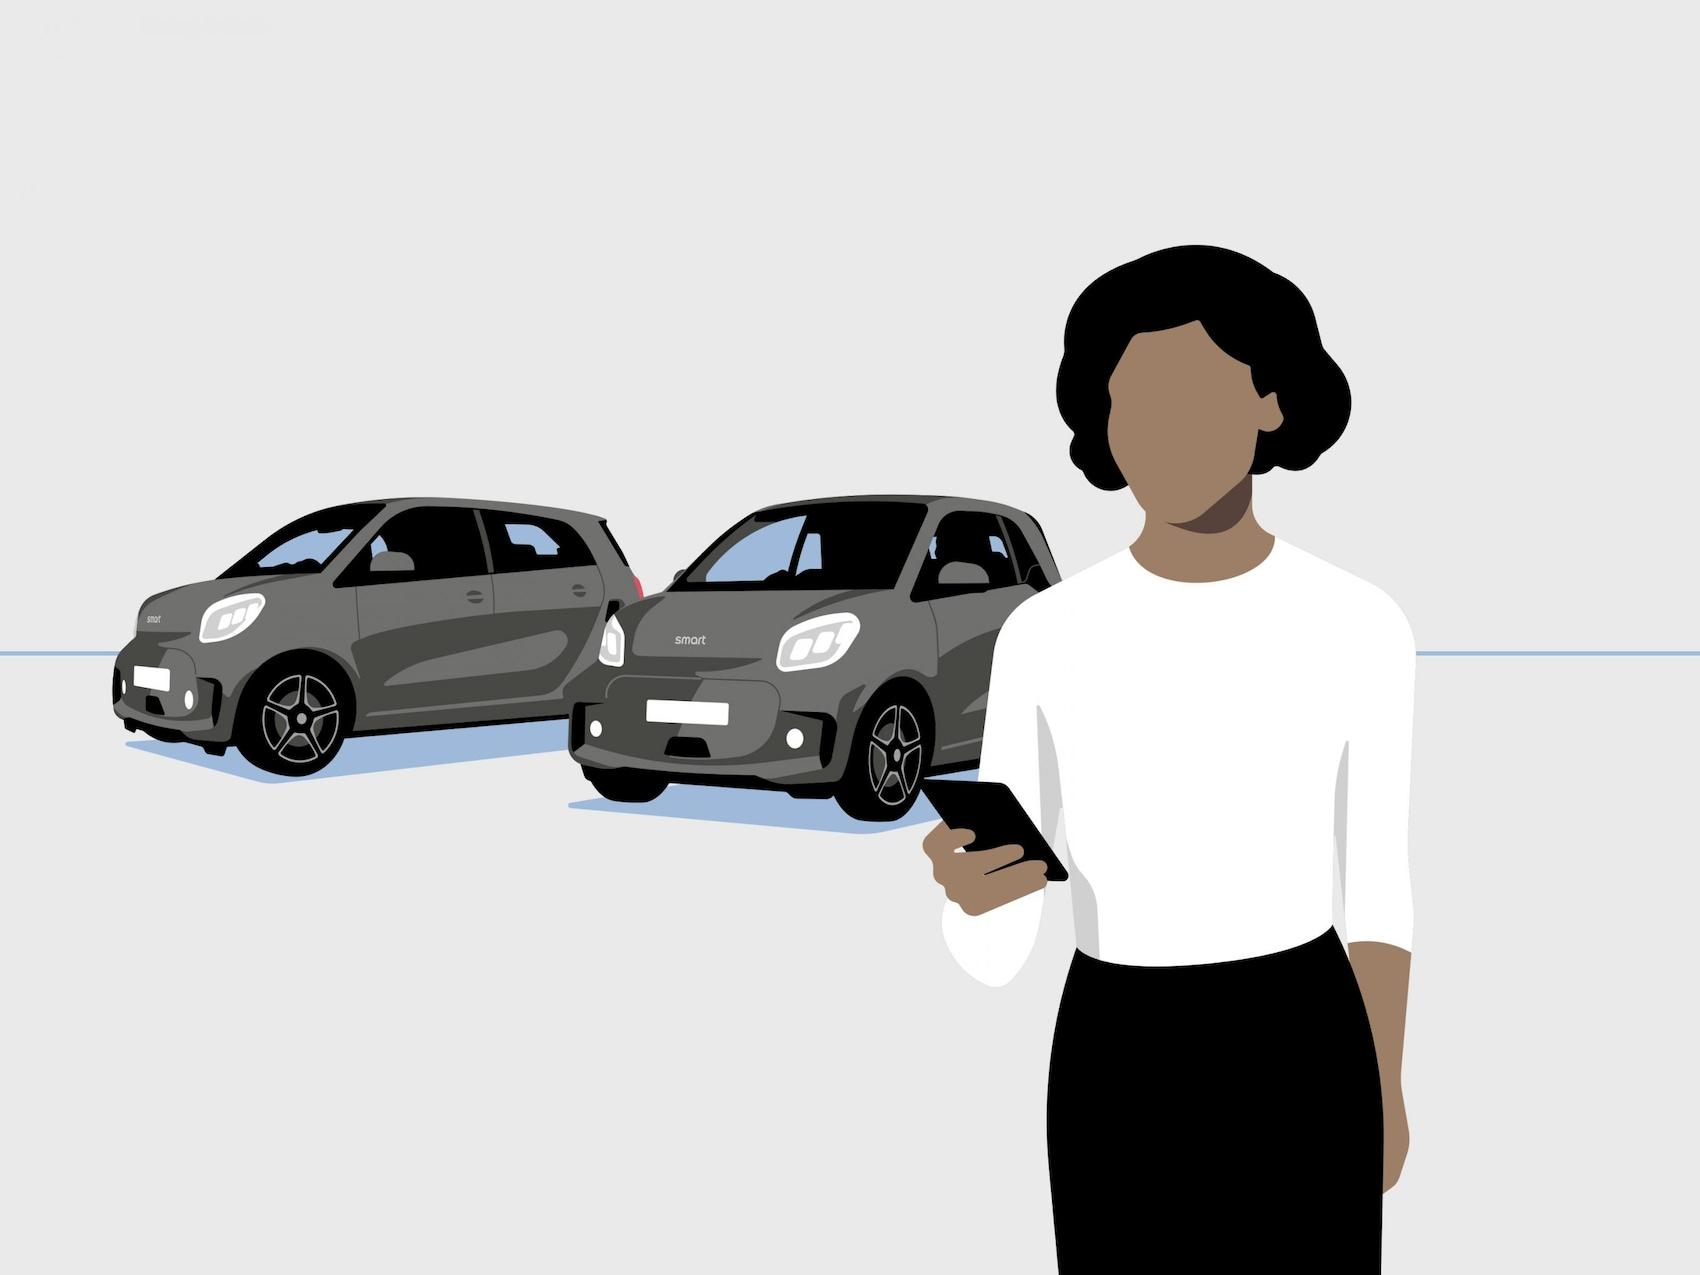 Geschäftskunden smart fleetshare LS Produkt Video image